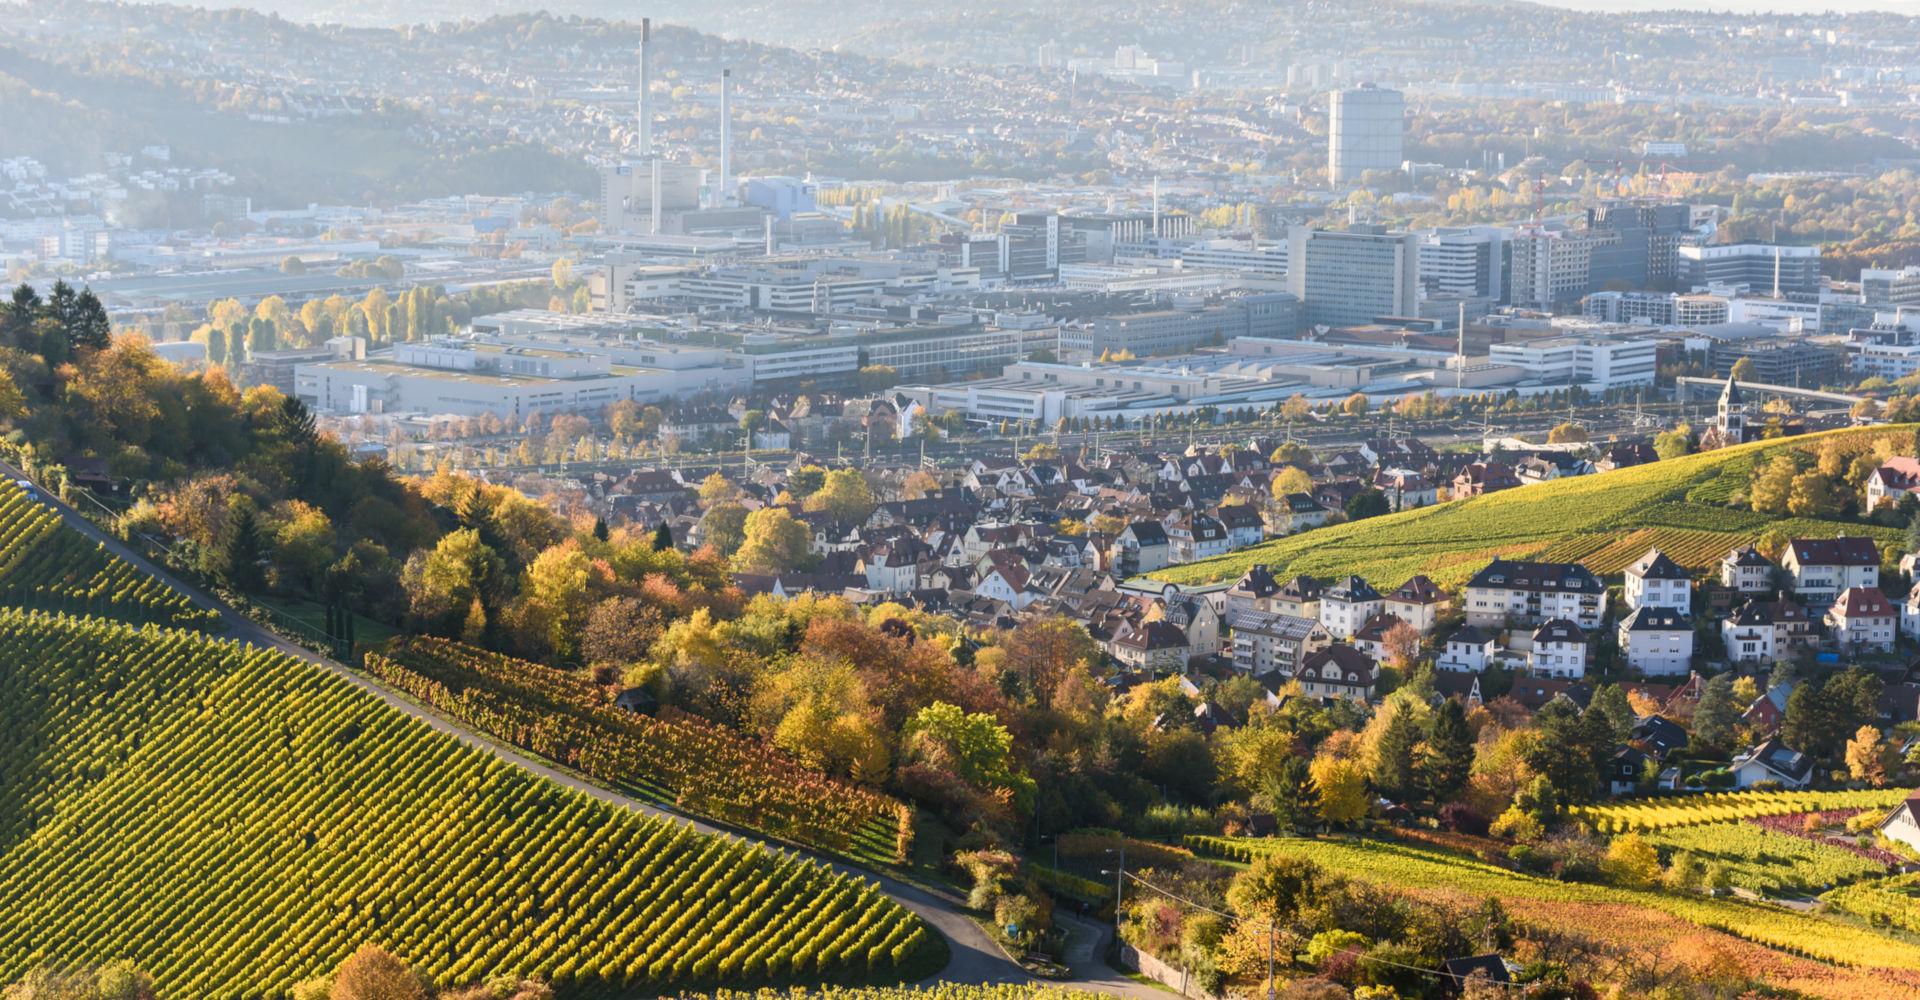 Stuttgart von schräg oben an einem Weinberg aufgenommen